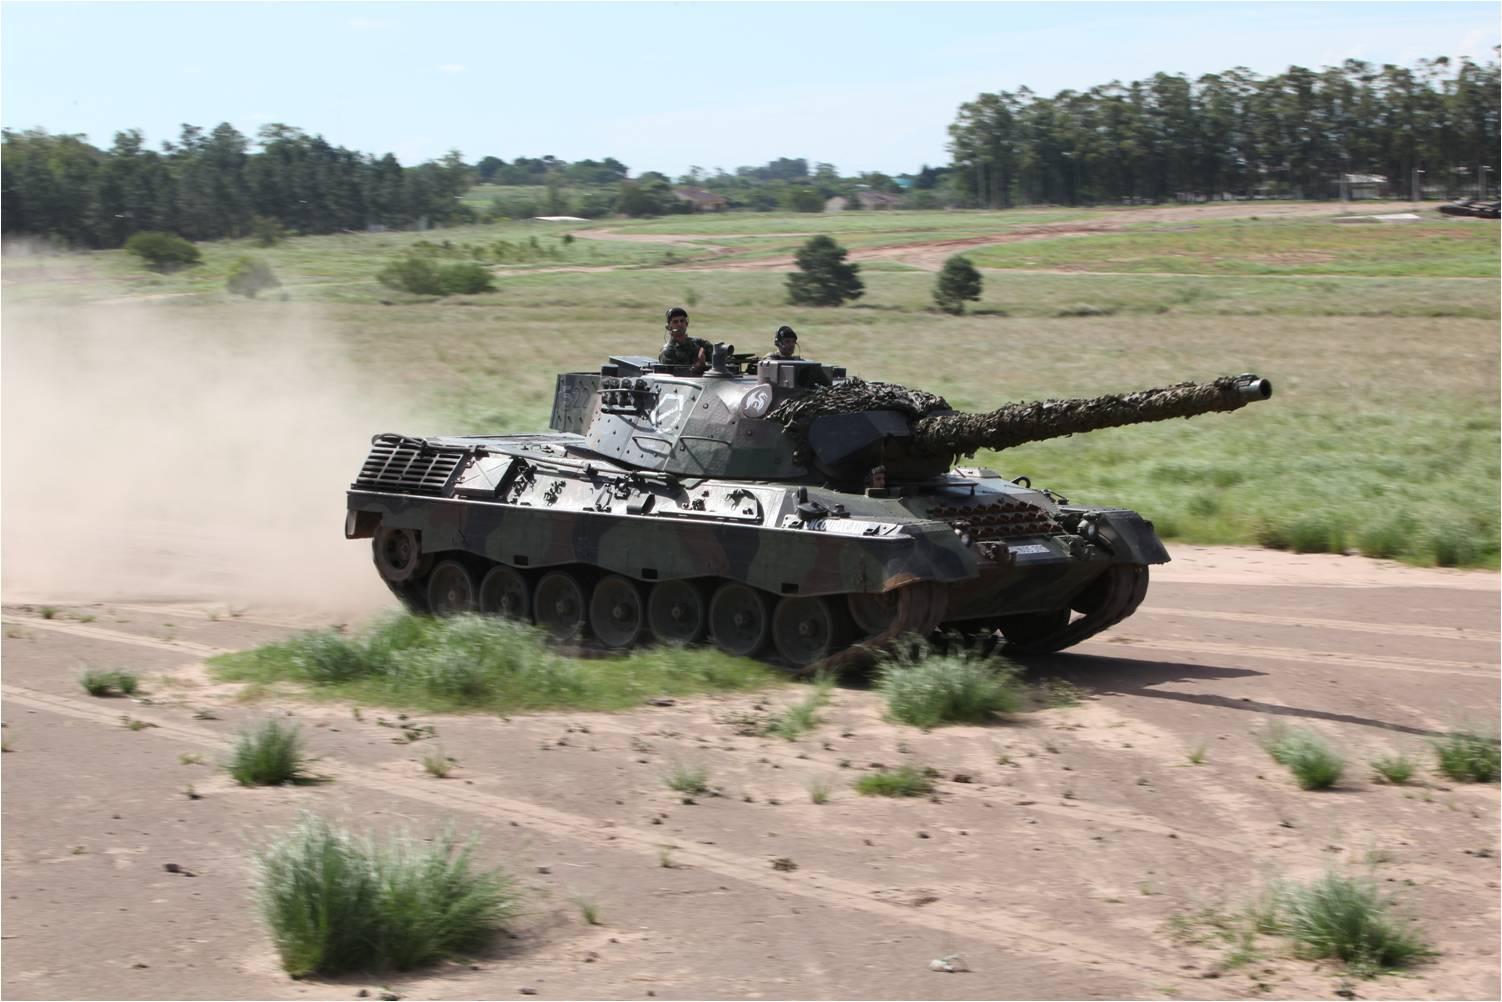 Jane's diz que EB quer mesmo comprar carros de combate Leopard 1A5, mas nenhuma decisão foi tomada sobre o assunto, e nem há verba alocada para a encomenda